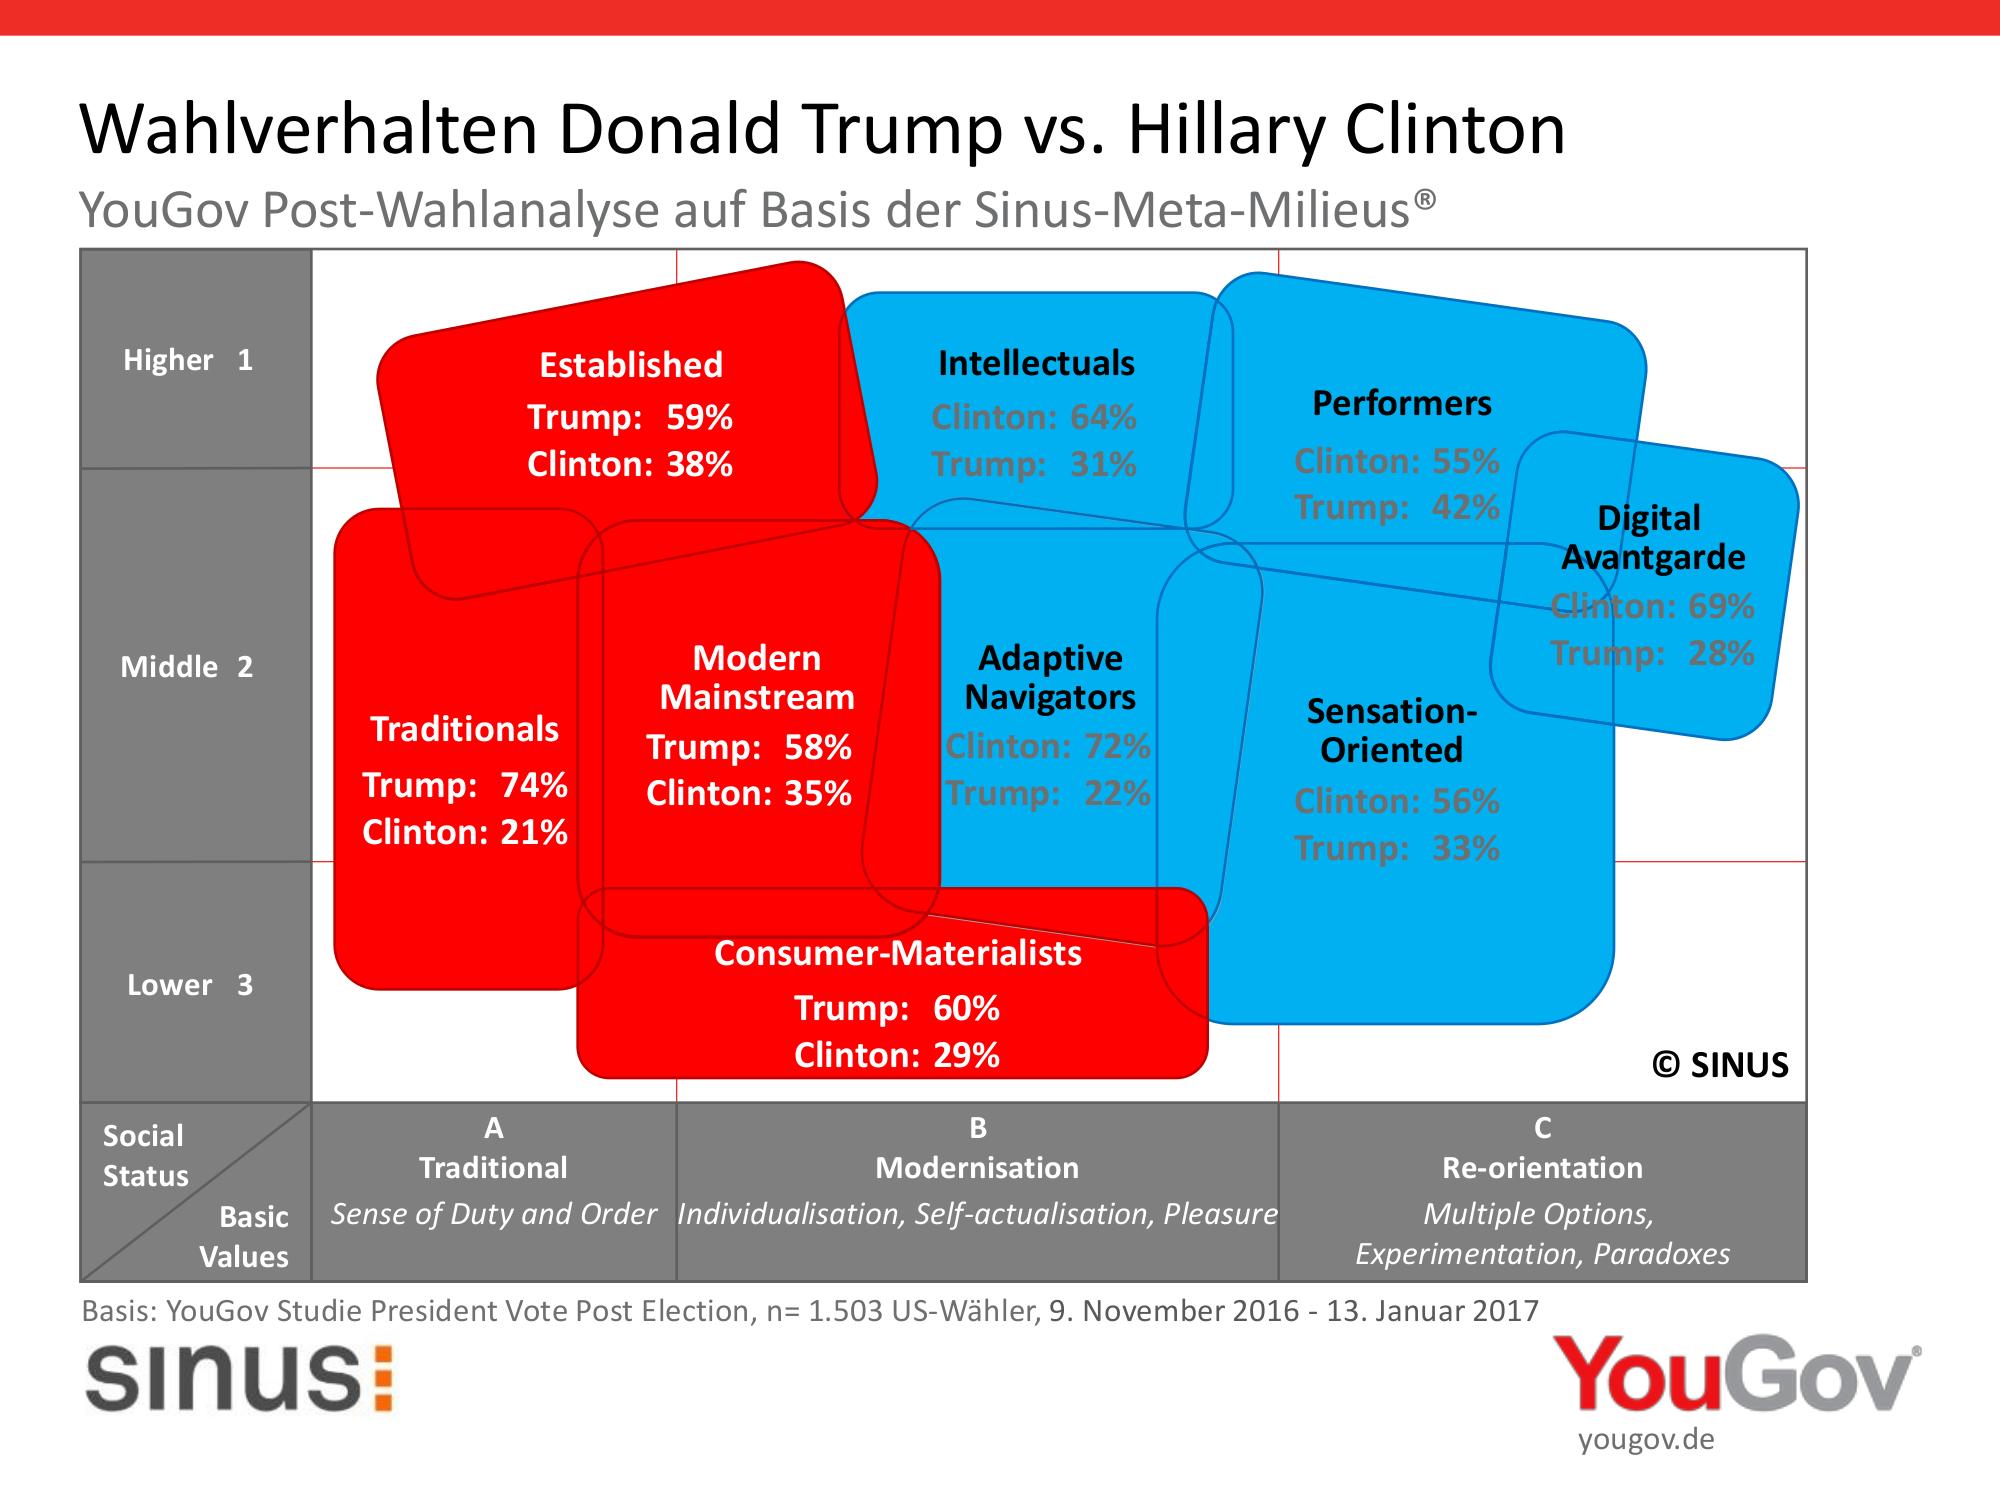 Visualiserung des Wahlverhaltens der US-Amerikanischen Bevölkerung nach SINUS-Meta-Milieus